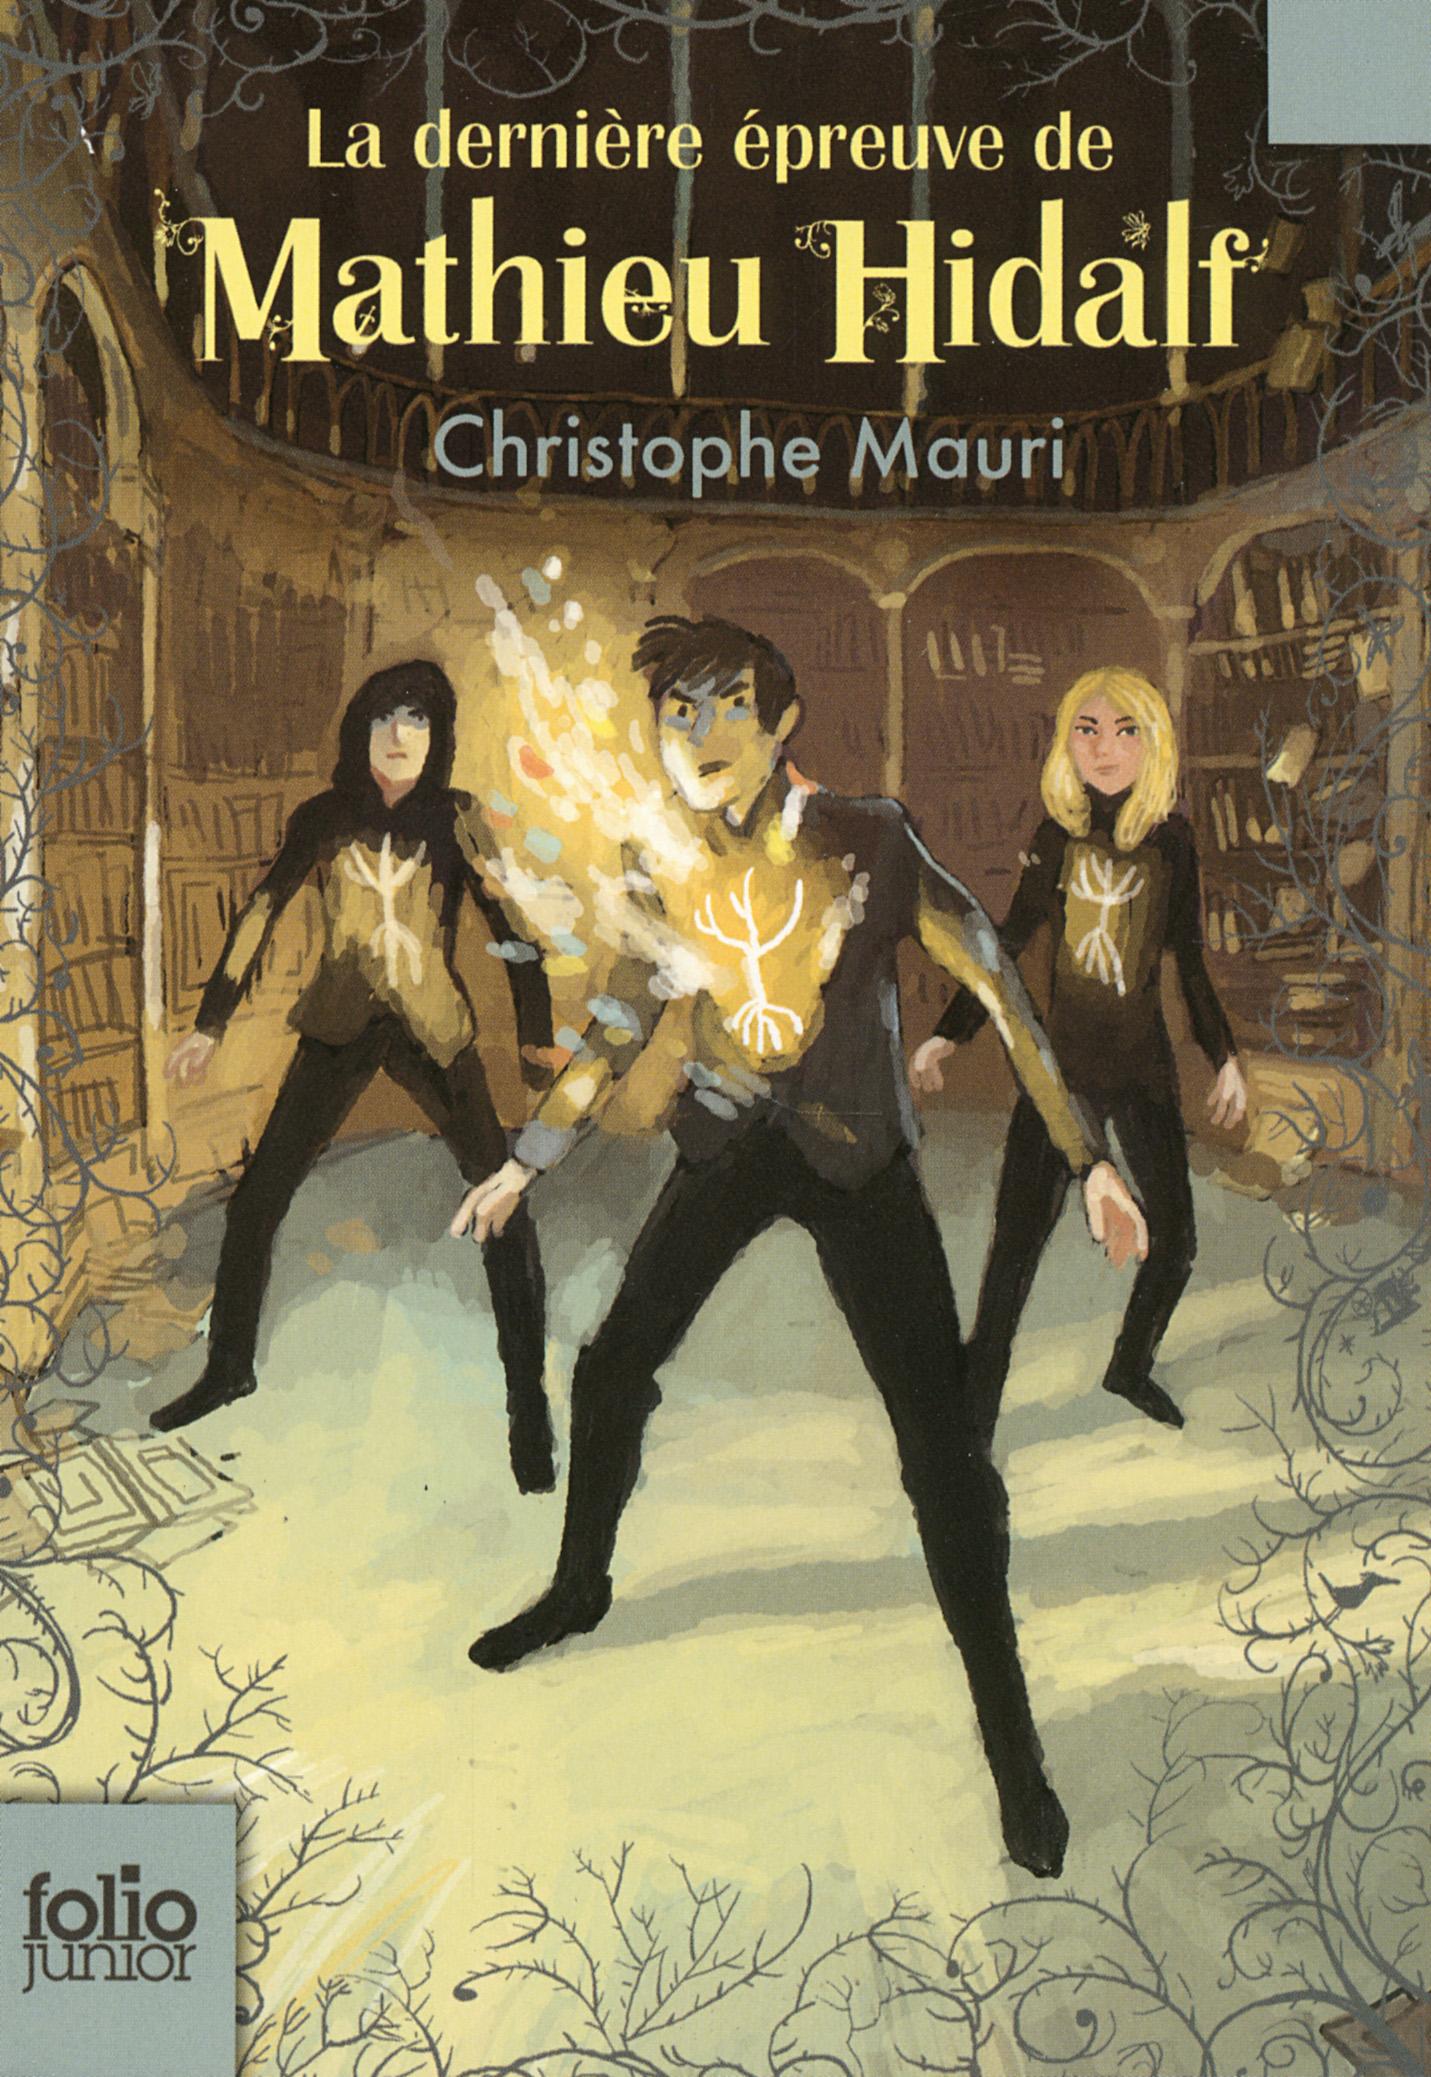 Mathieu Hidalf (Tome 5) - La dernière épreuve de Mathieu Hidalf | Mauri, Christophe